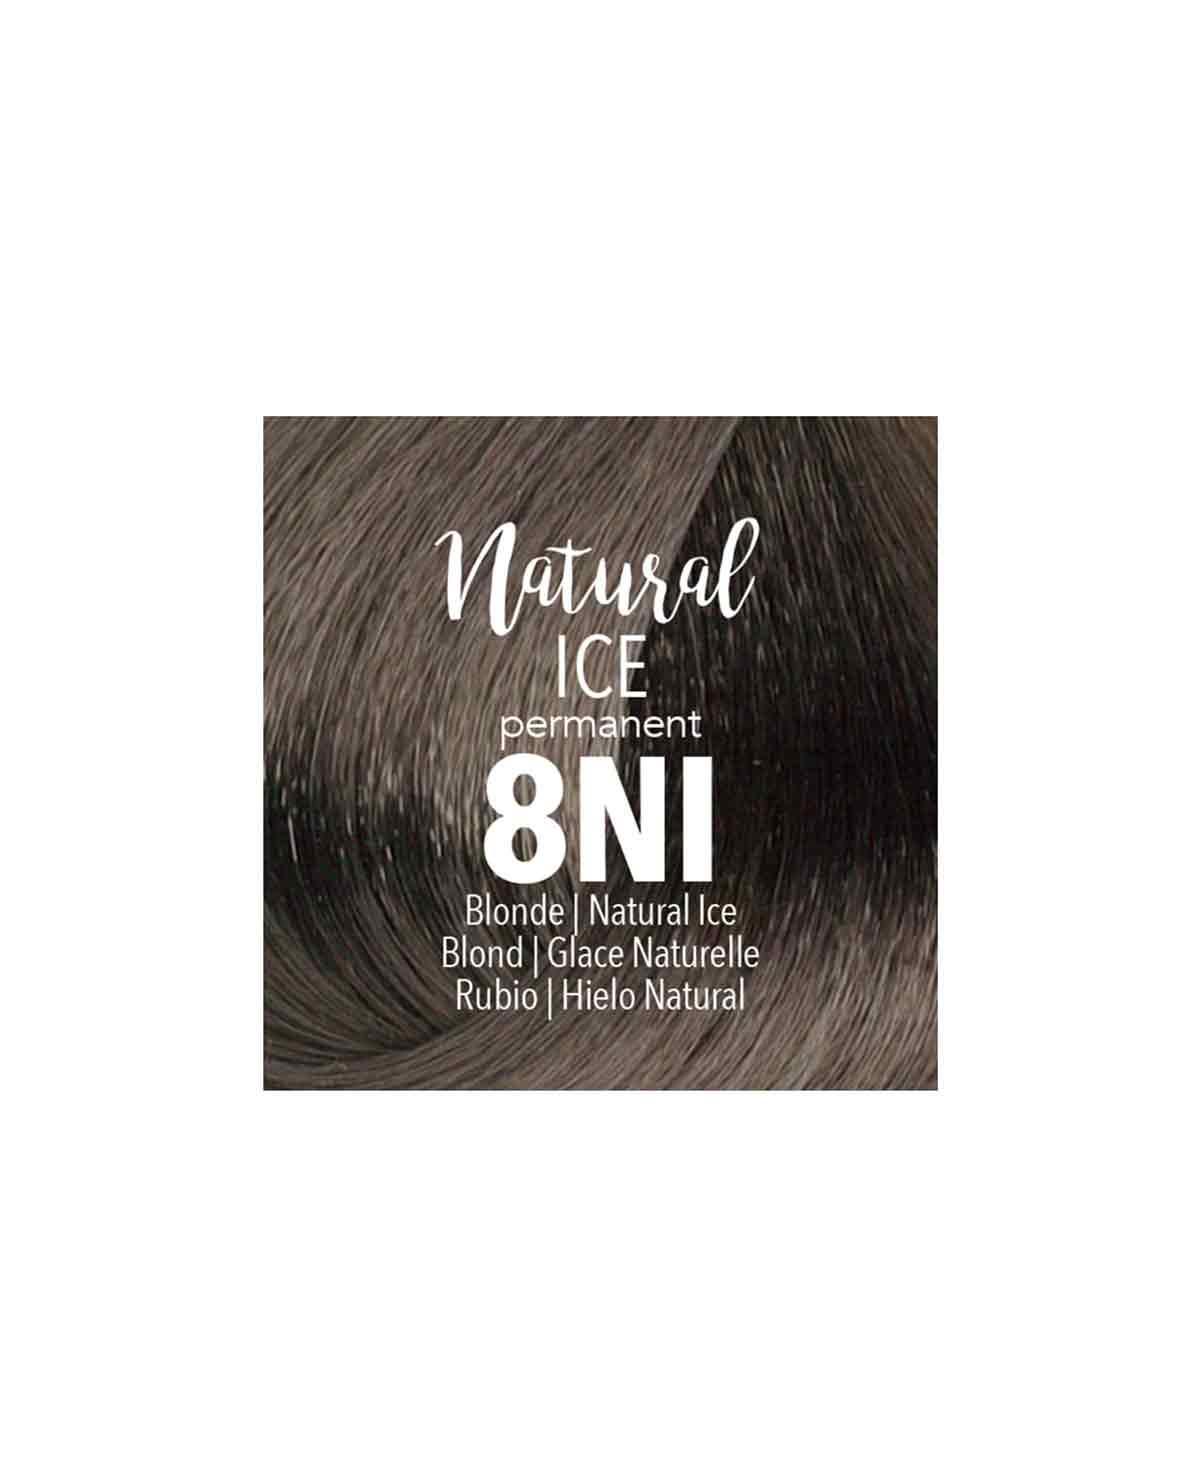 Mydentity - 8NI Blonde Natural Ice